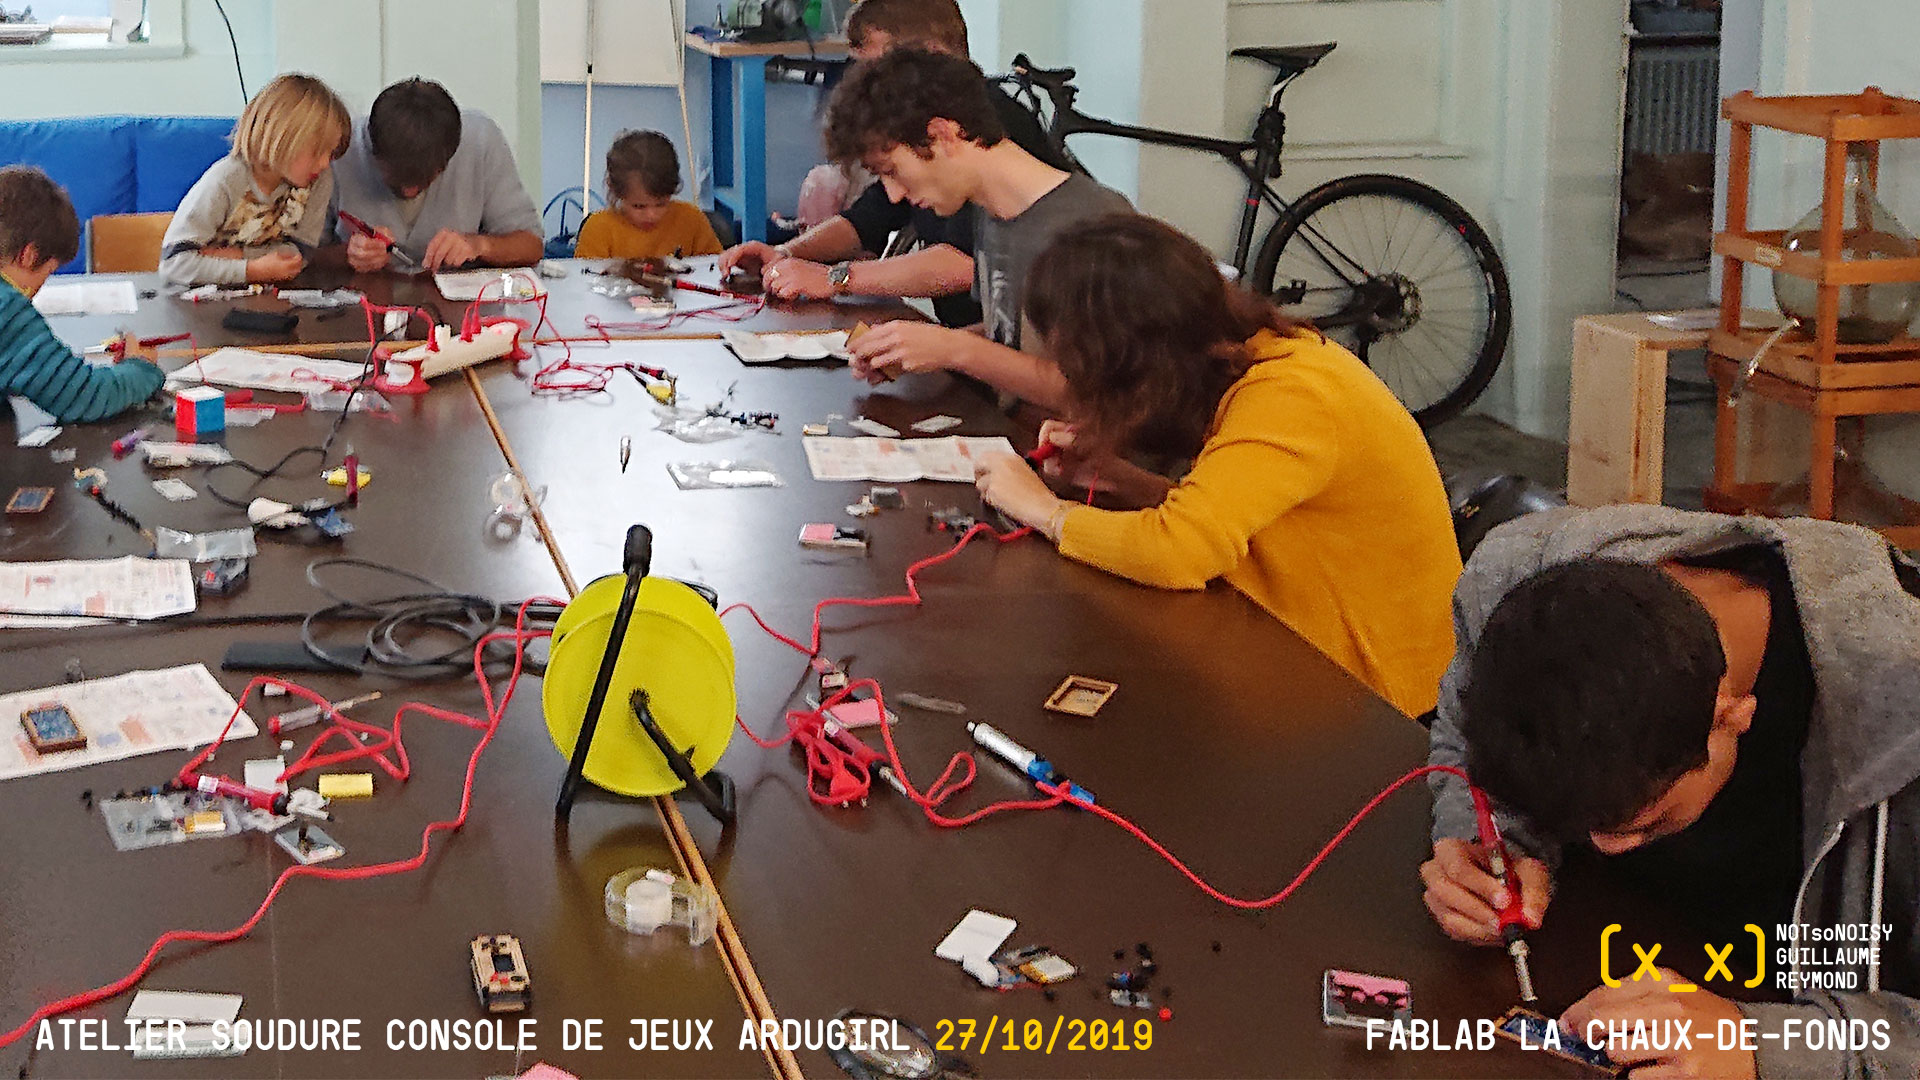 Atelier Ardugirl au Fablab La Chaux-de-Fonds